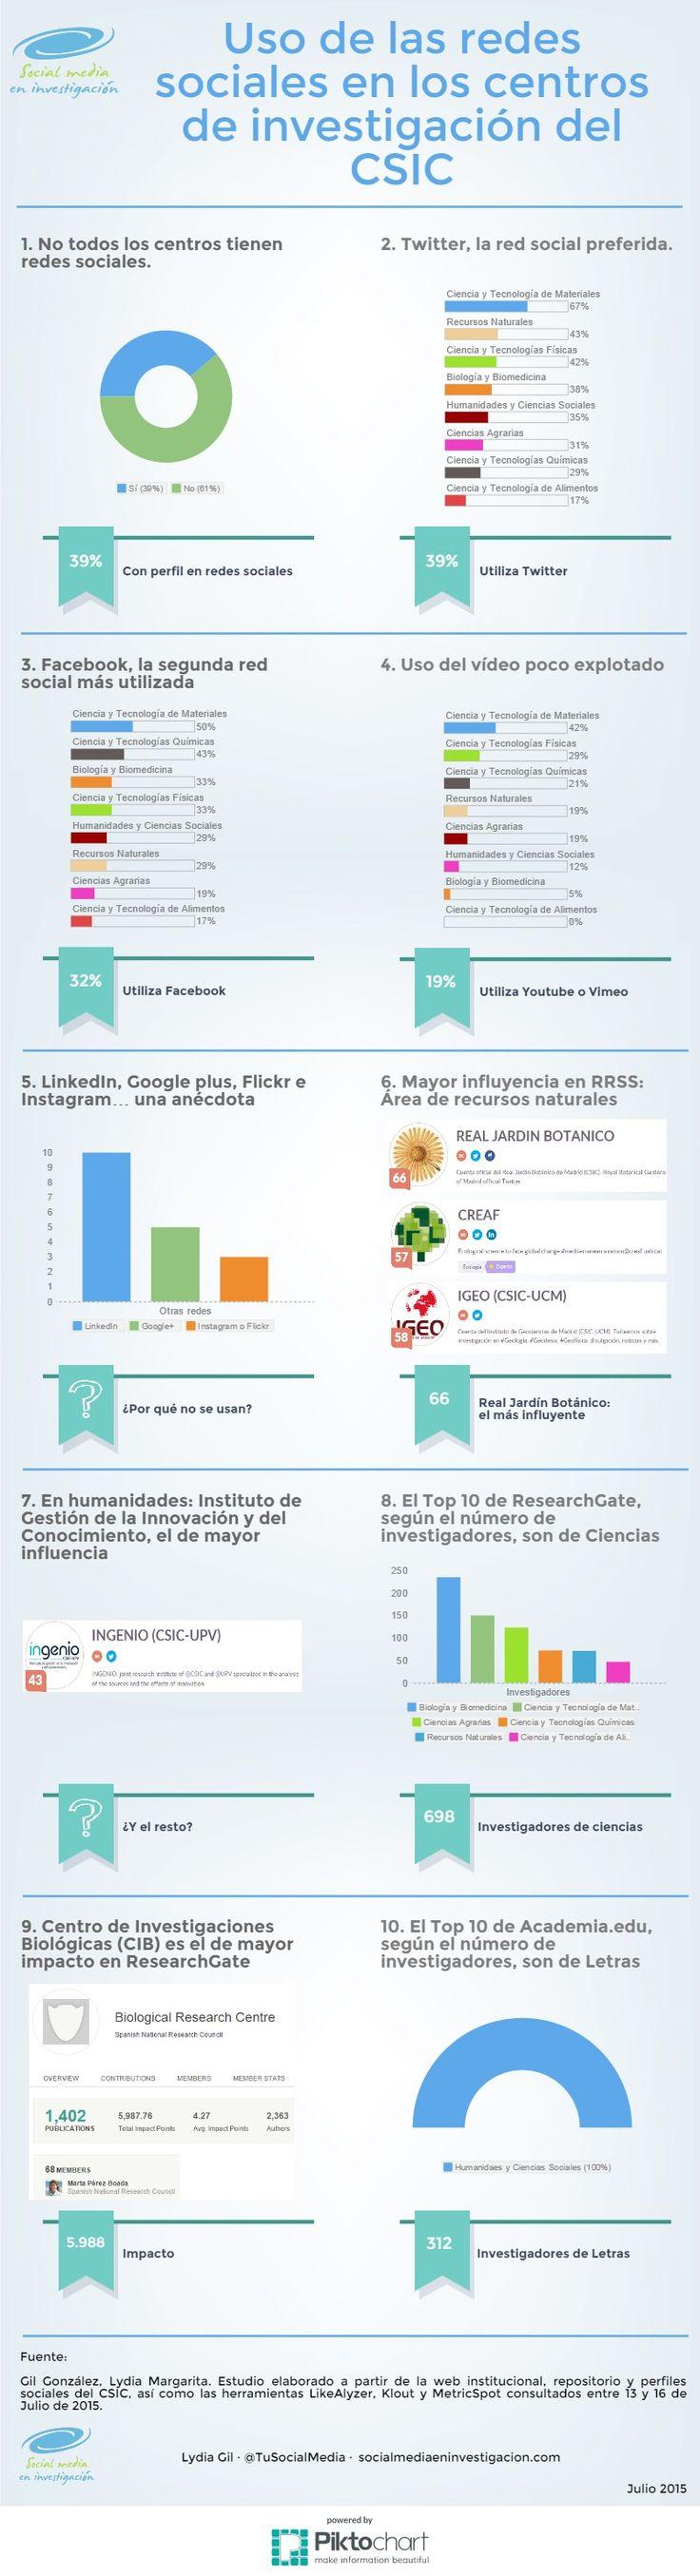 Uso de las redes sociales en los centros de investigación del CSIC. Análisis en el blog: http://socialmediaeninvestigacion.com/csic-redes-sociales-generales-cientificas-ii/